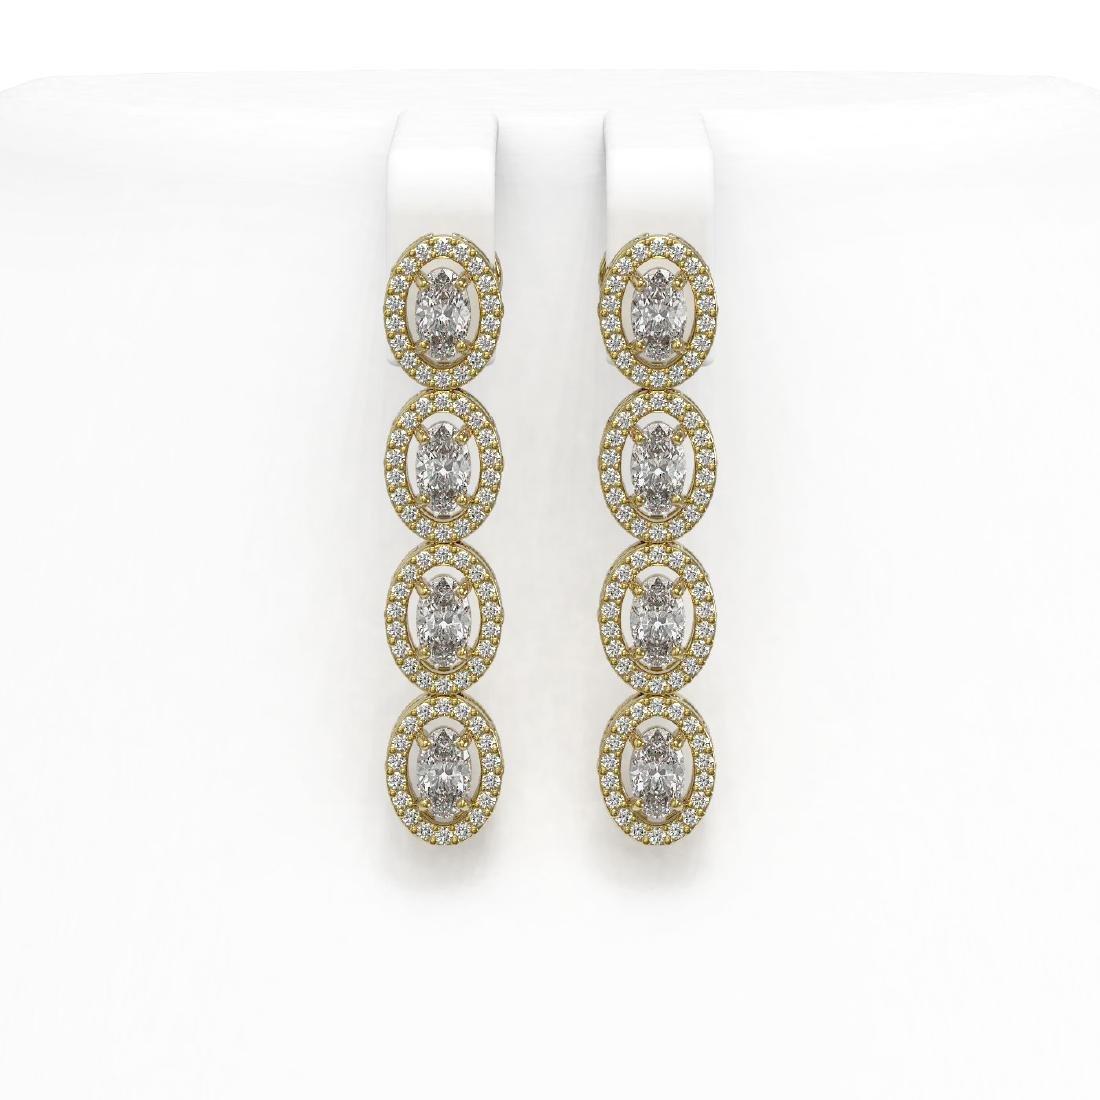 4.52 ctw Oval Diamond Earrings 18K Yellow Gold -